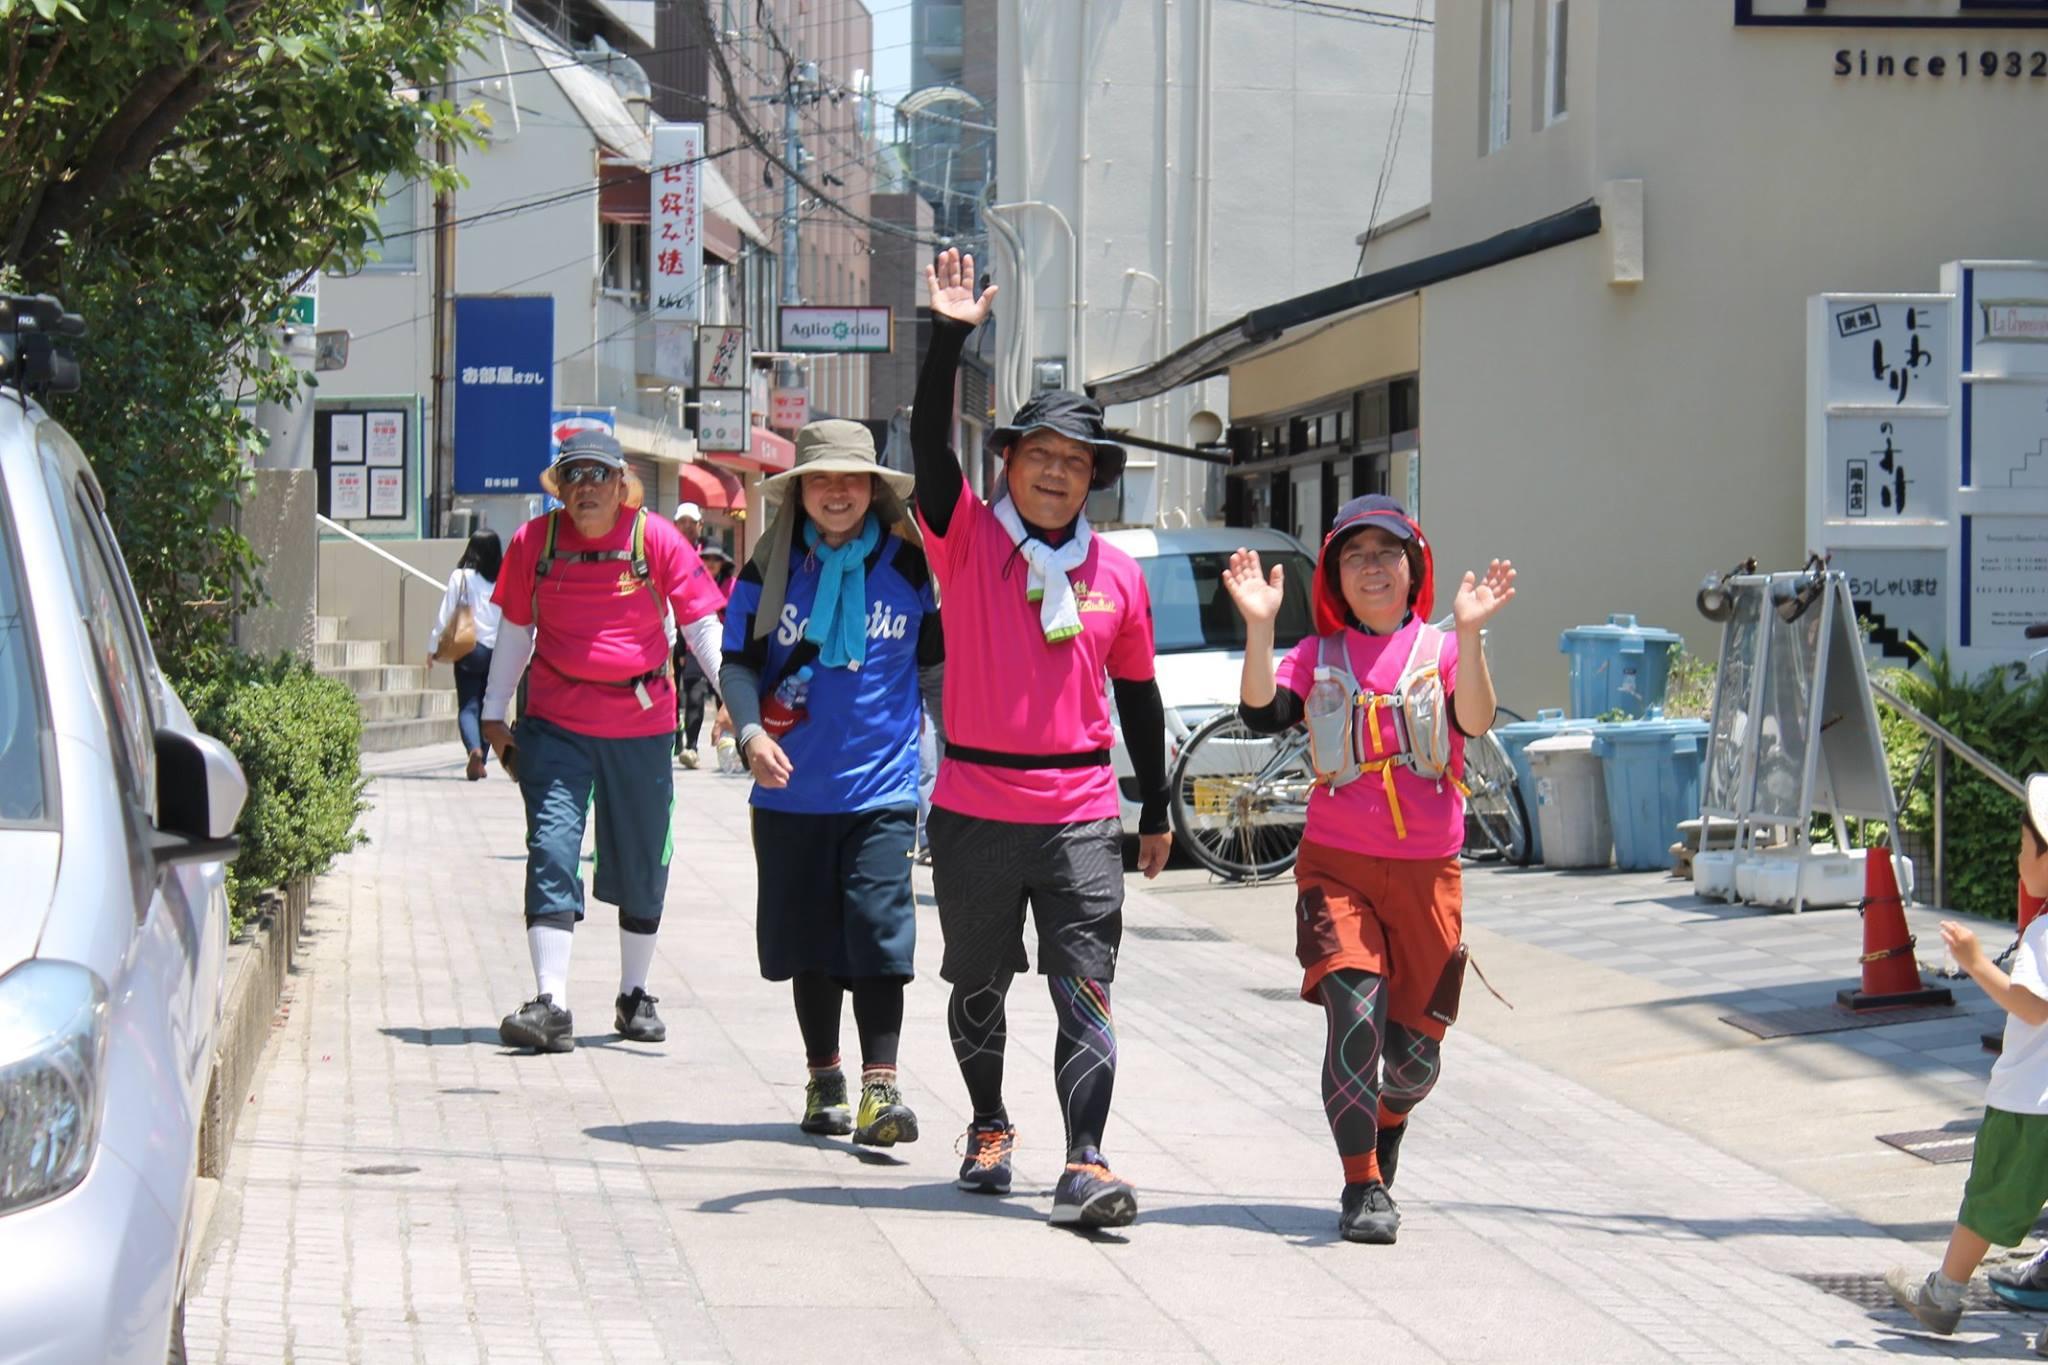 2017関西チャリティ100km歩こうよ♪大会